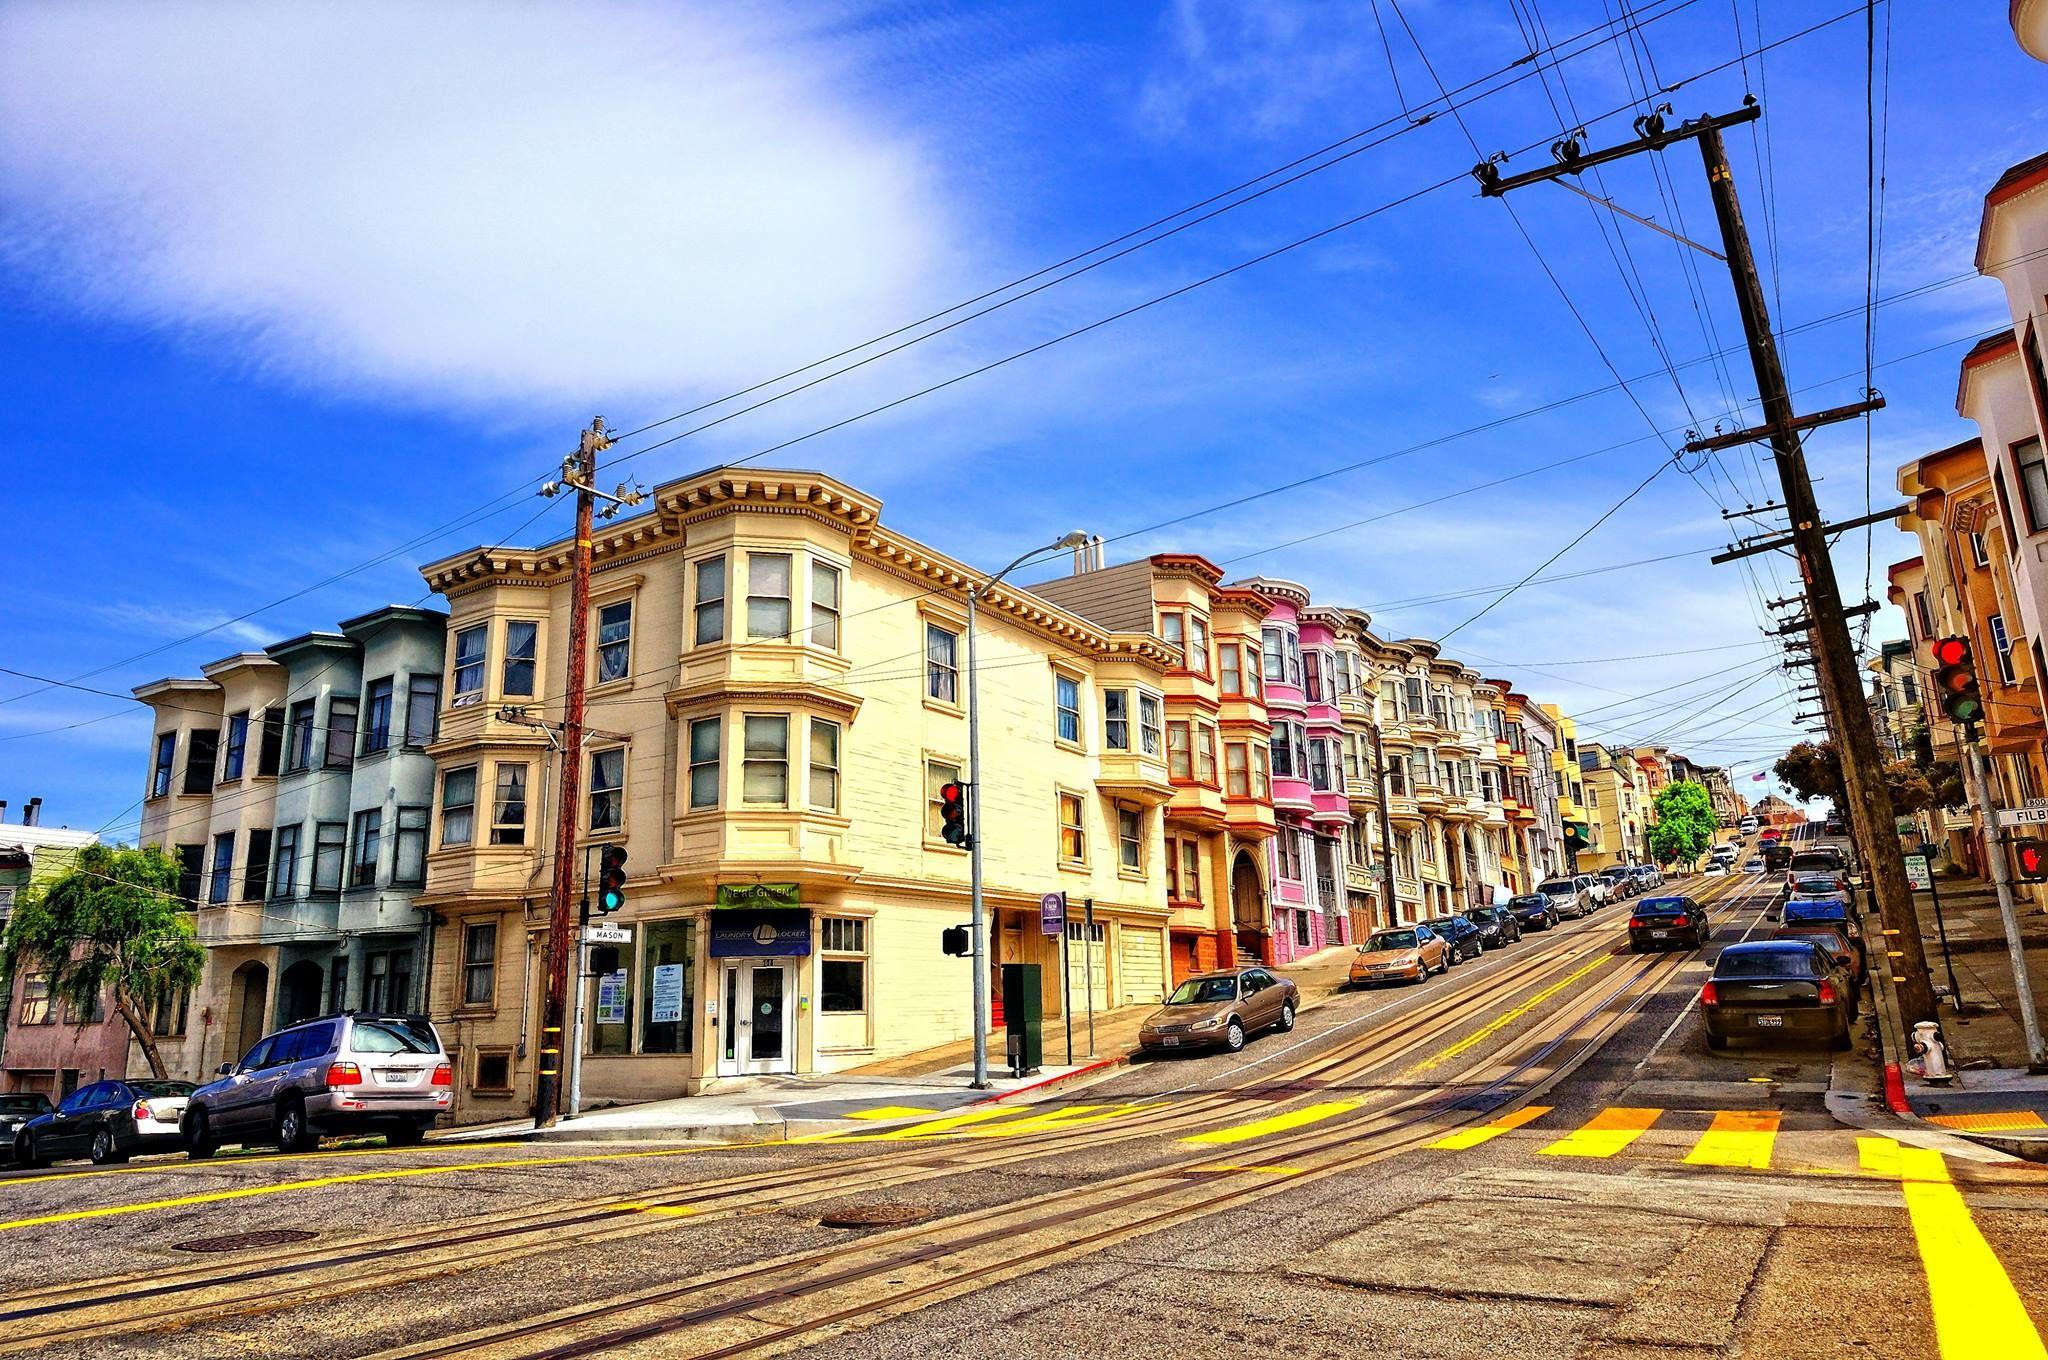 San Francisco,California